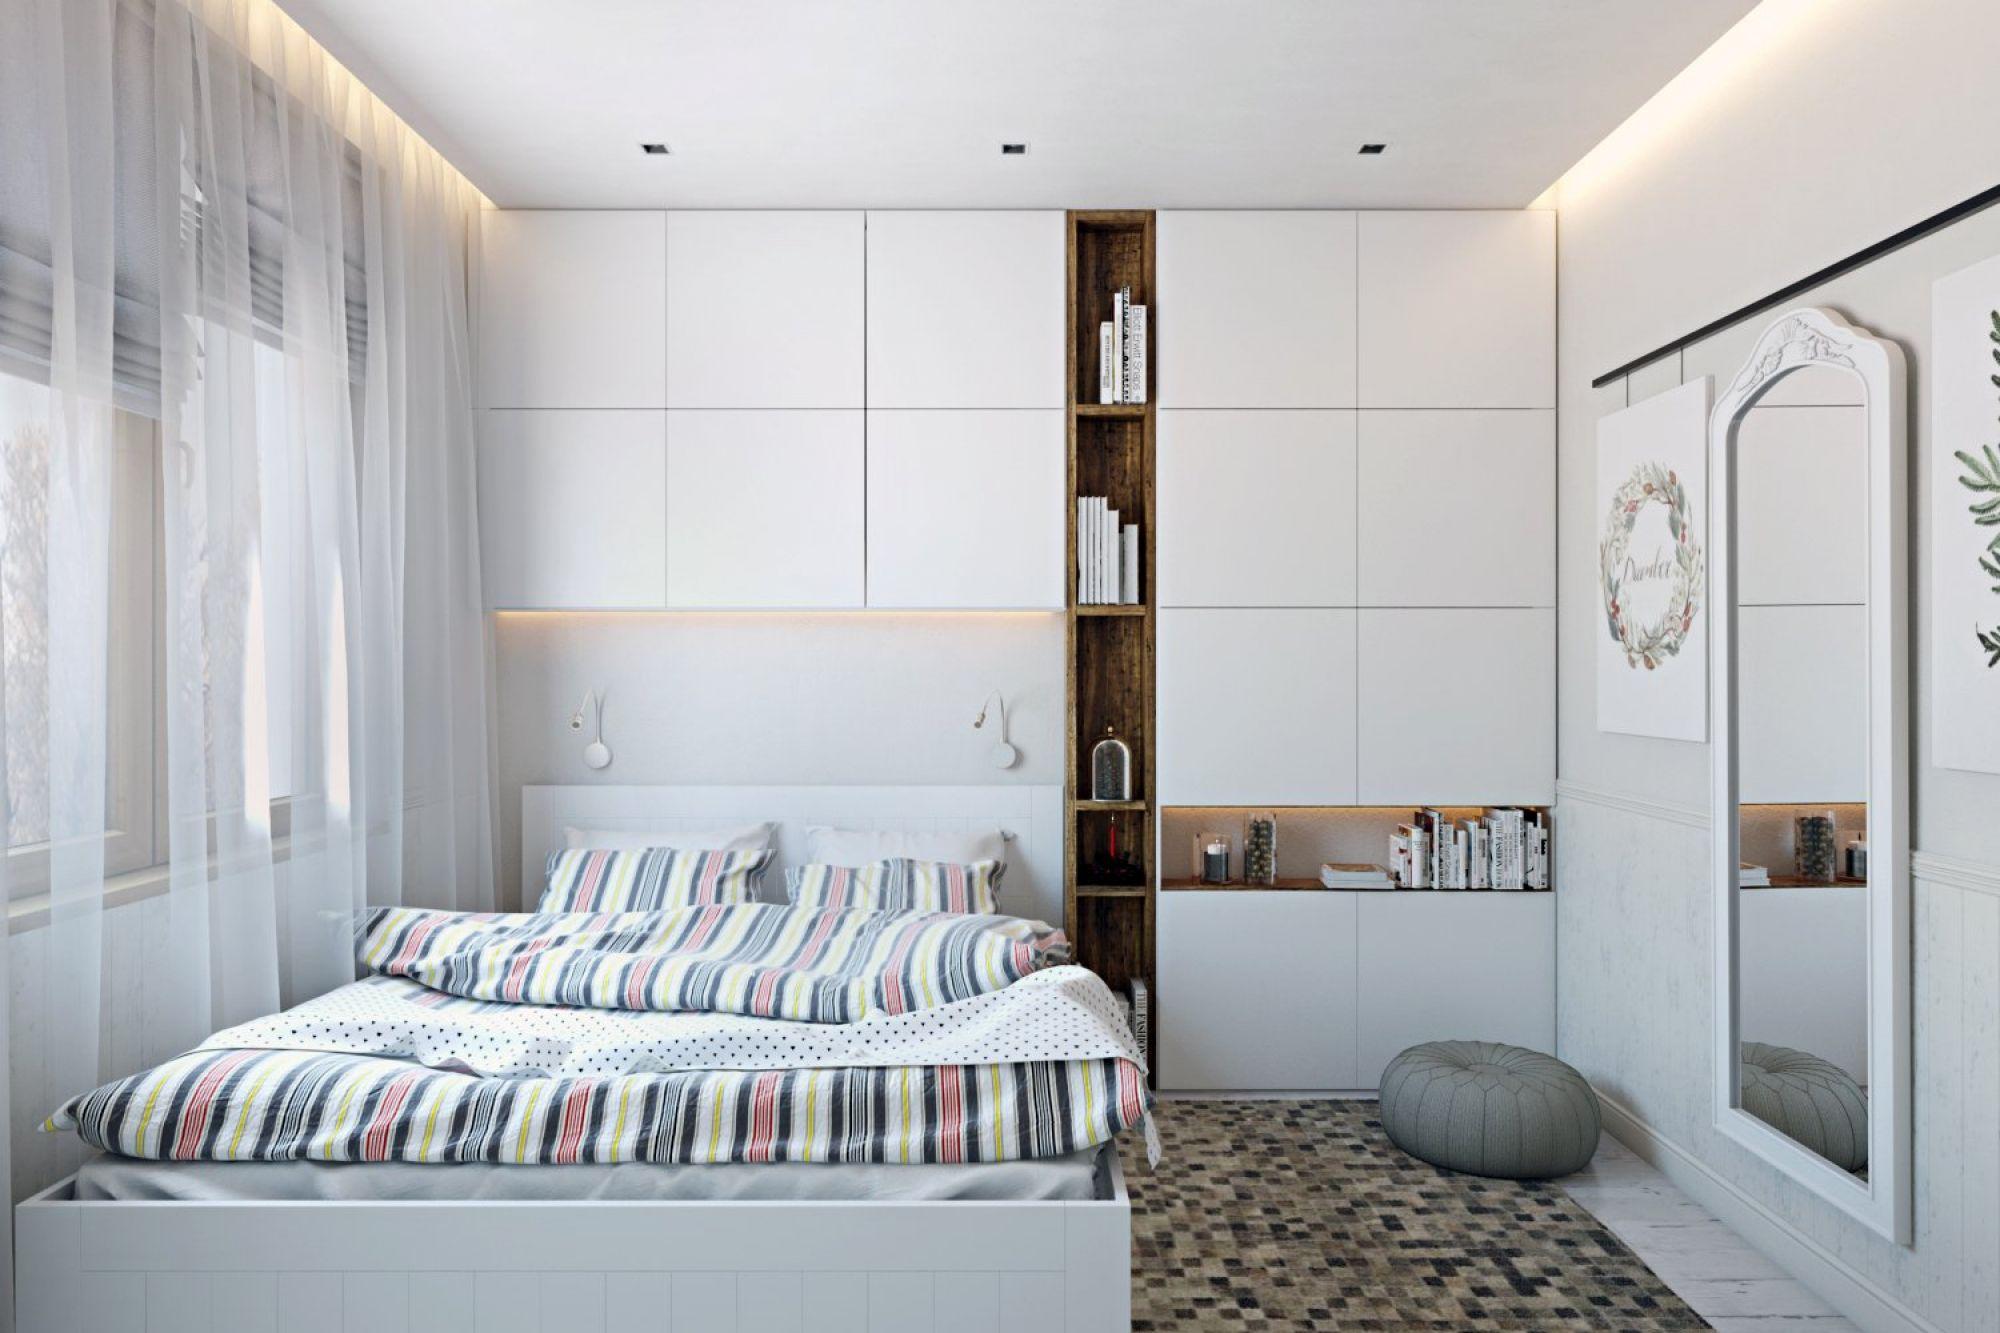 Комната для подростка в современном стиле видео